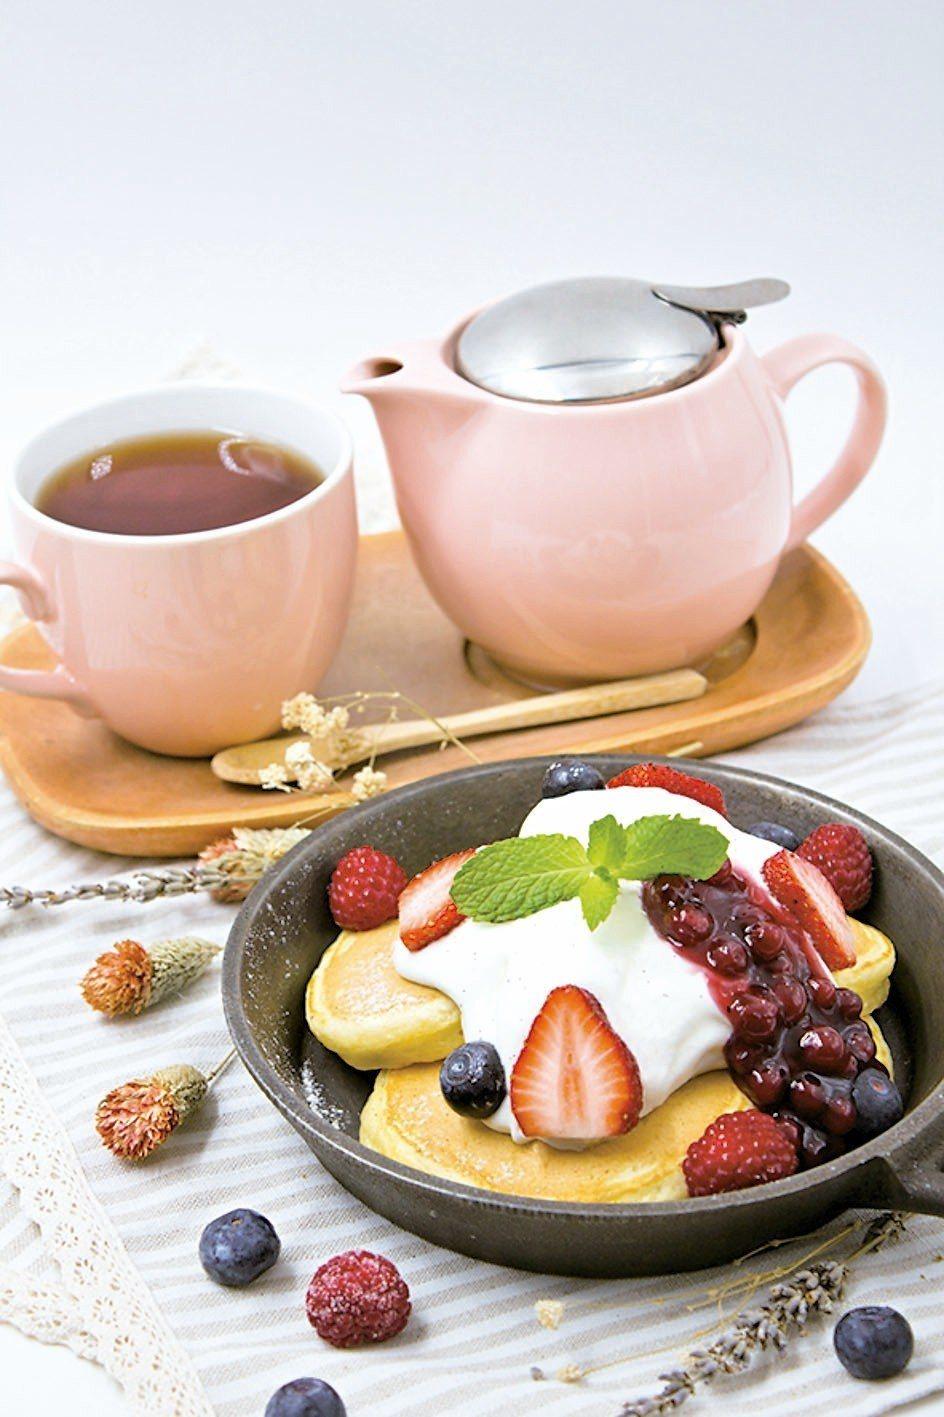 台北統一時代百貨杏桃莓果鮮奶霜鬆餅,售價330元。 圖/統一時代提供